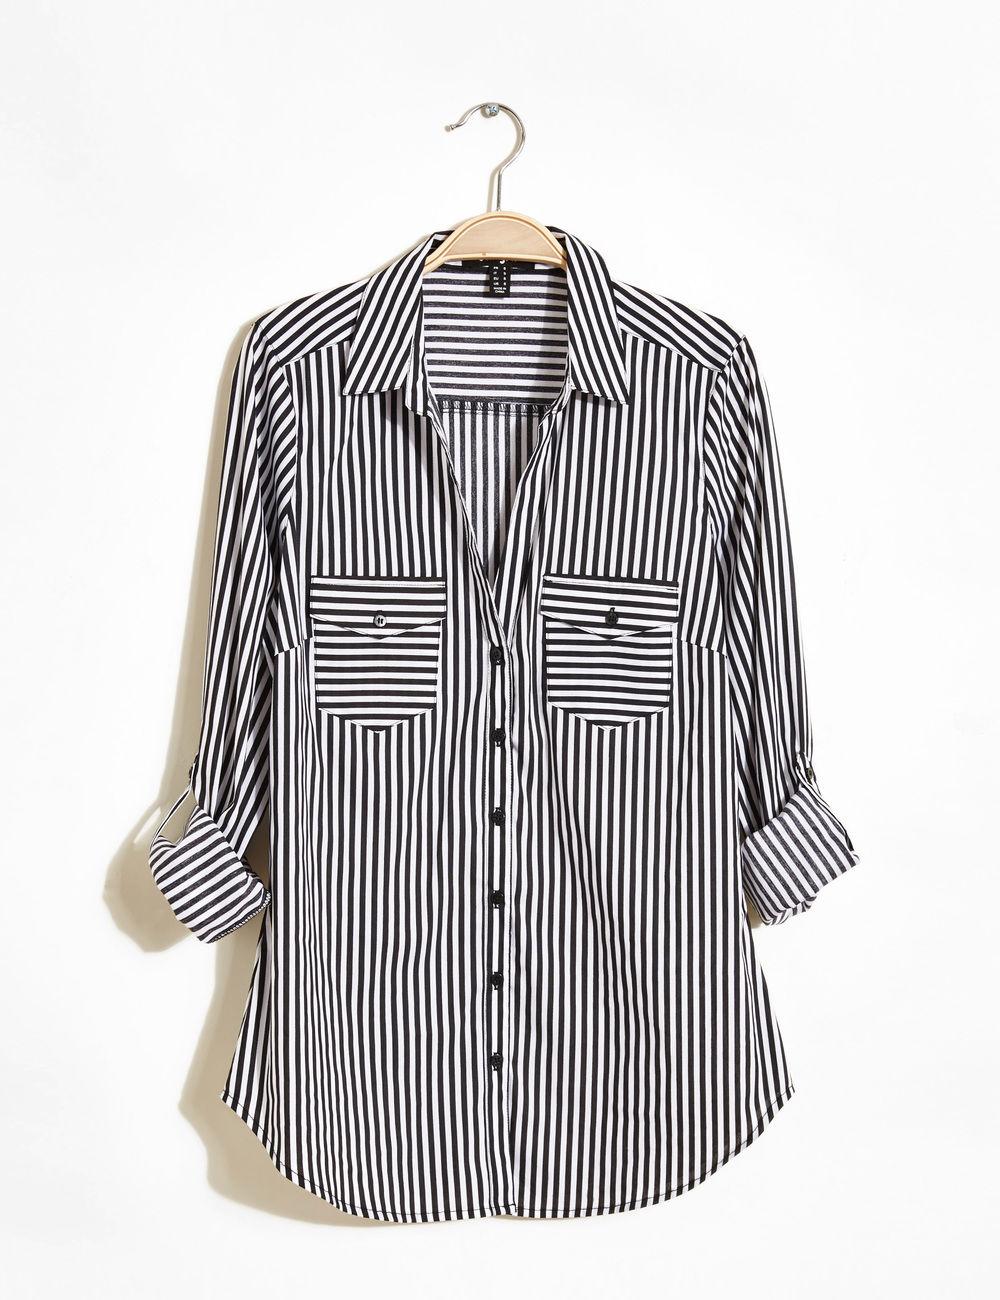 Je veux trouver une belle chemise femme et agréable à porter pas cher ICI  Chemisier femme noir et blanc b4433f0e3822